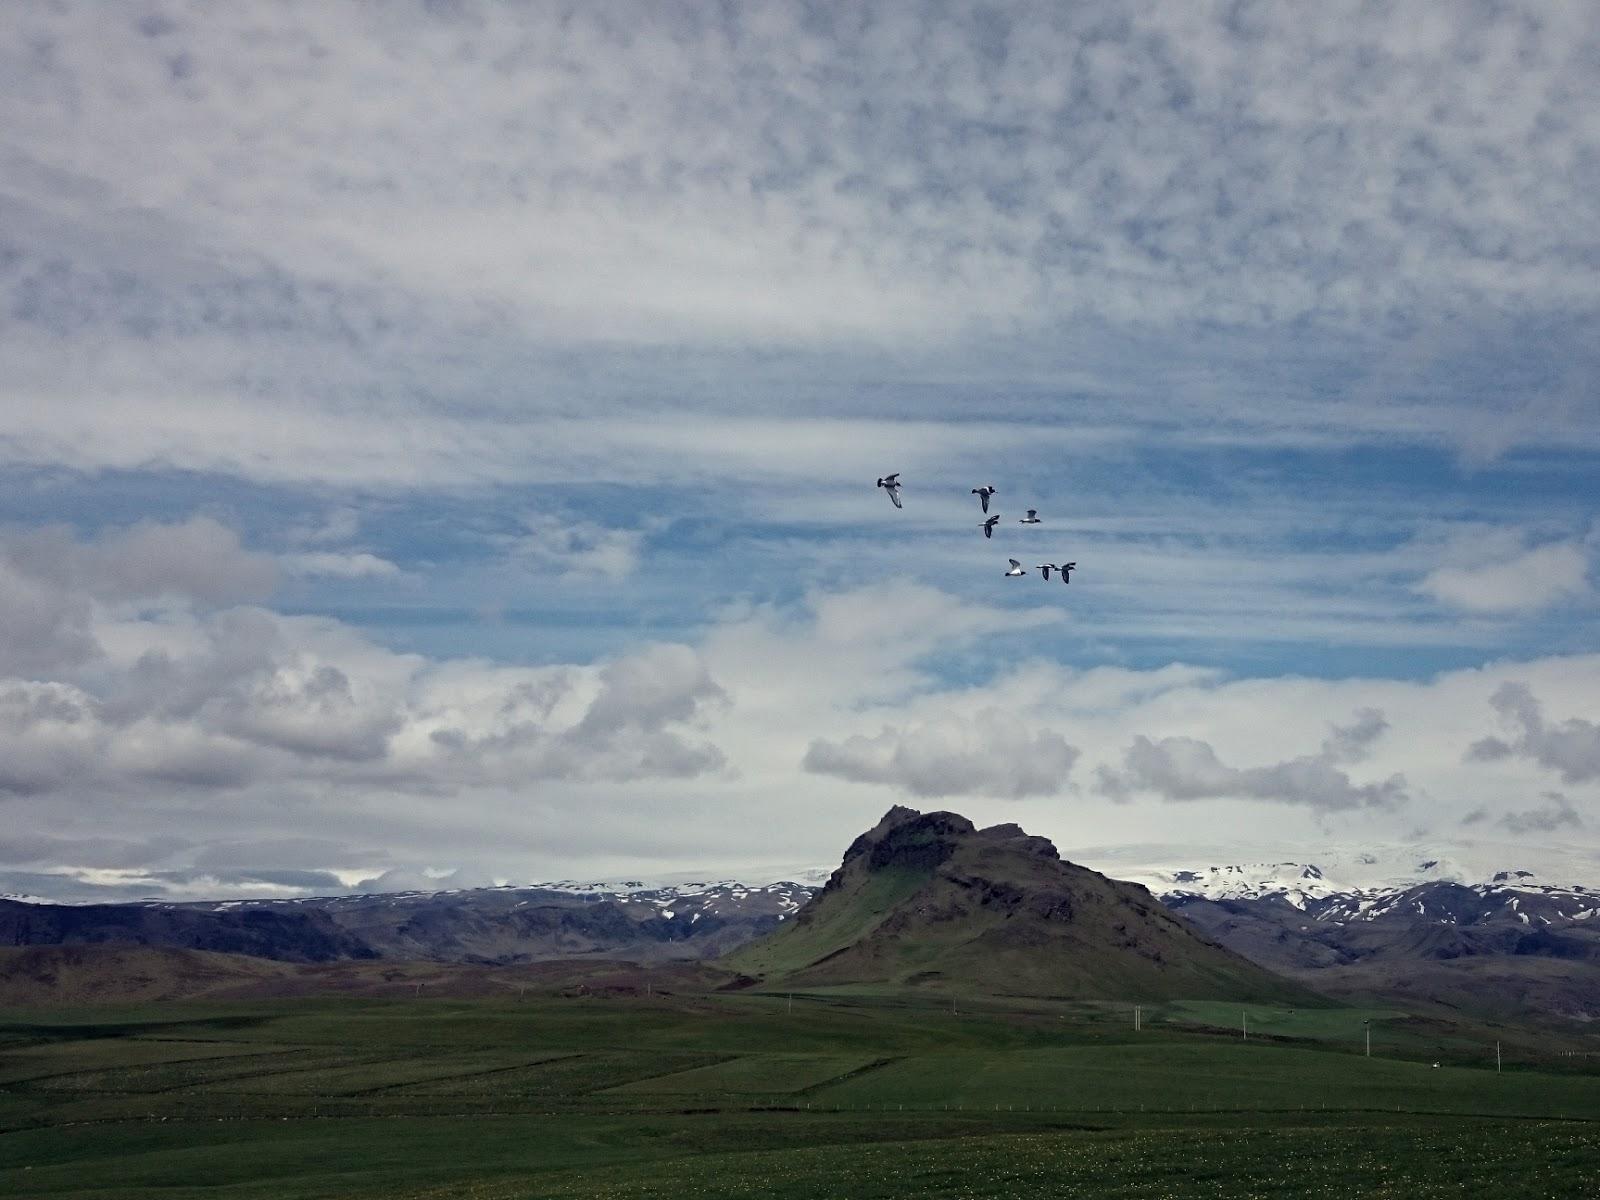 Ptaki, Islandia, panidorcia, Pani Dorcia, marzenia, podróże, wolność